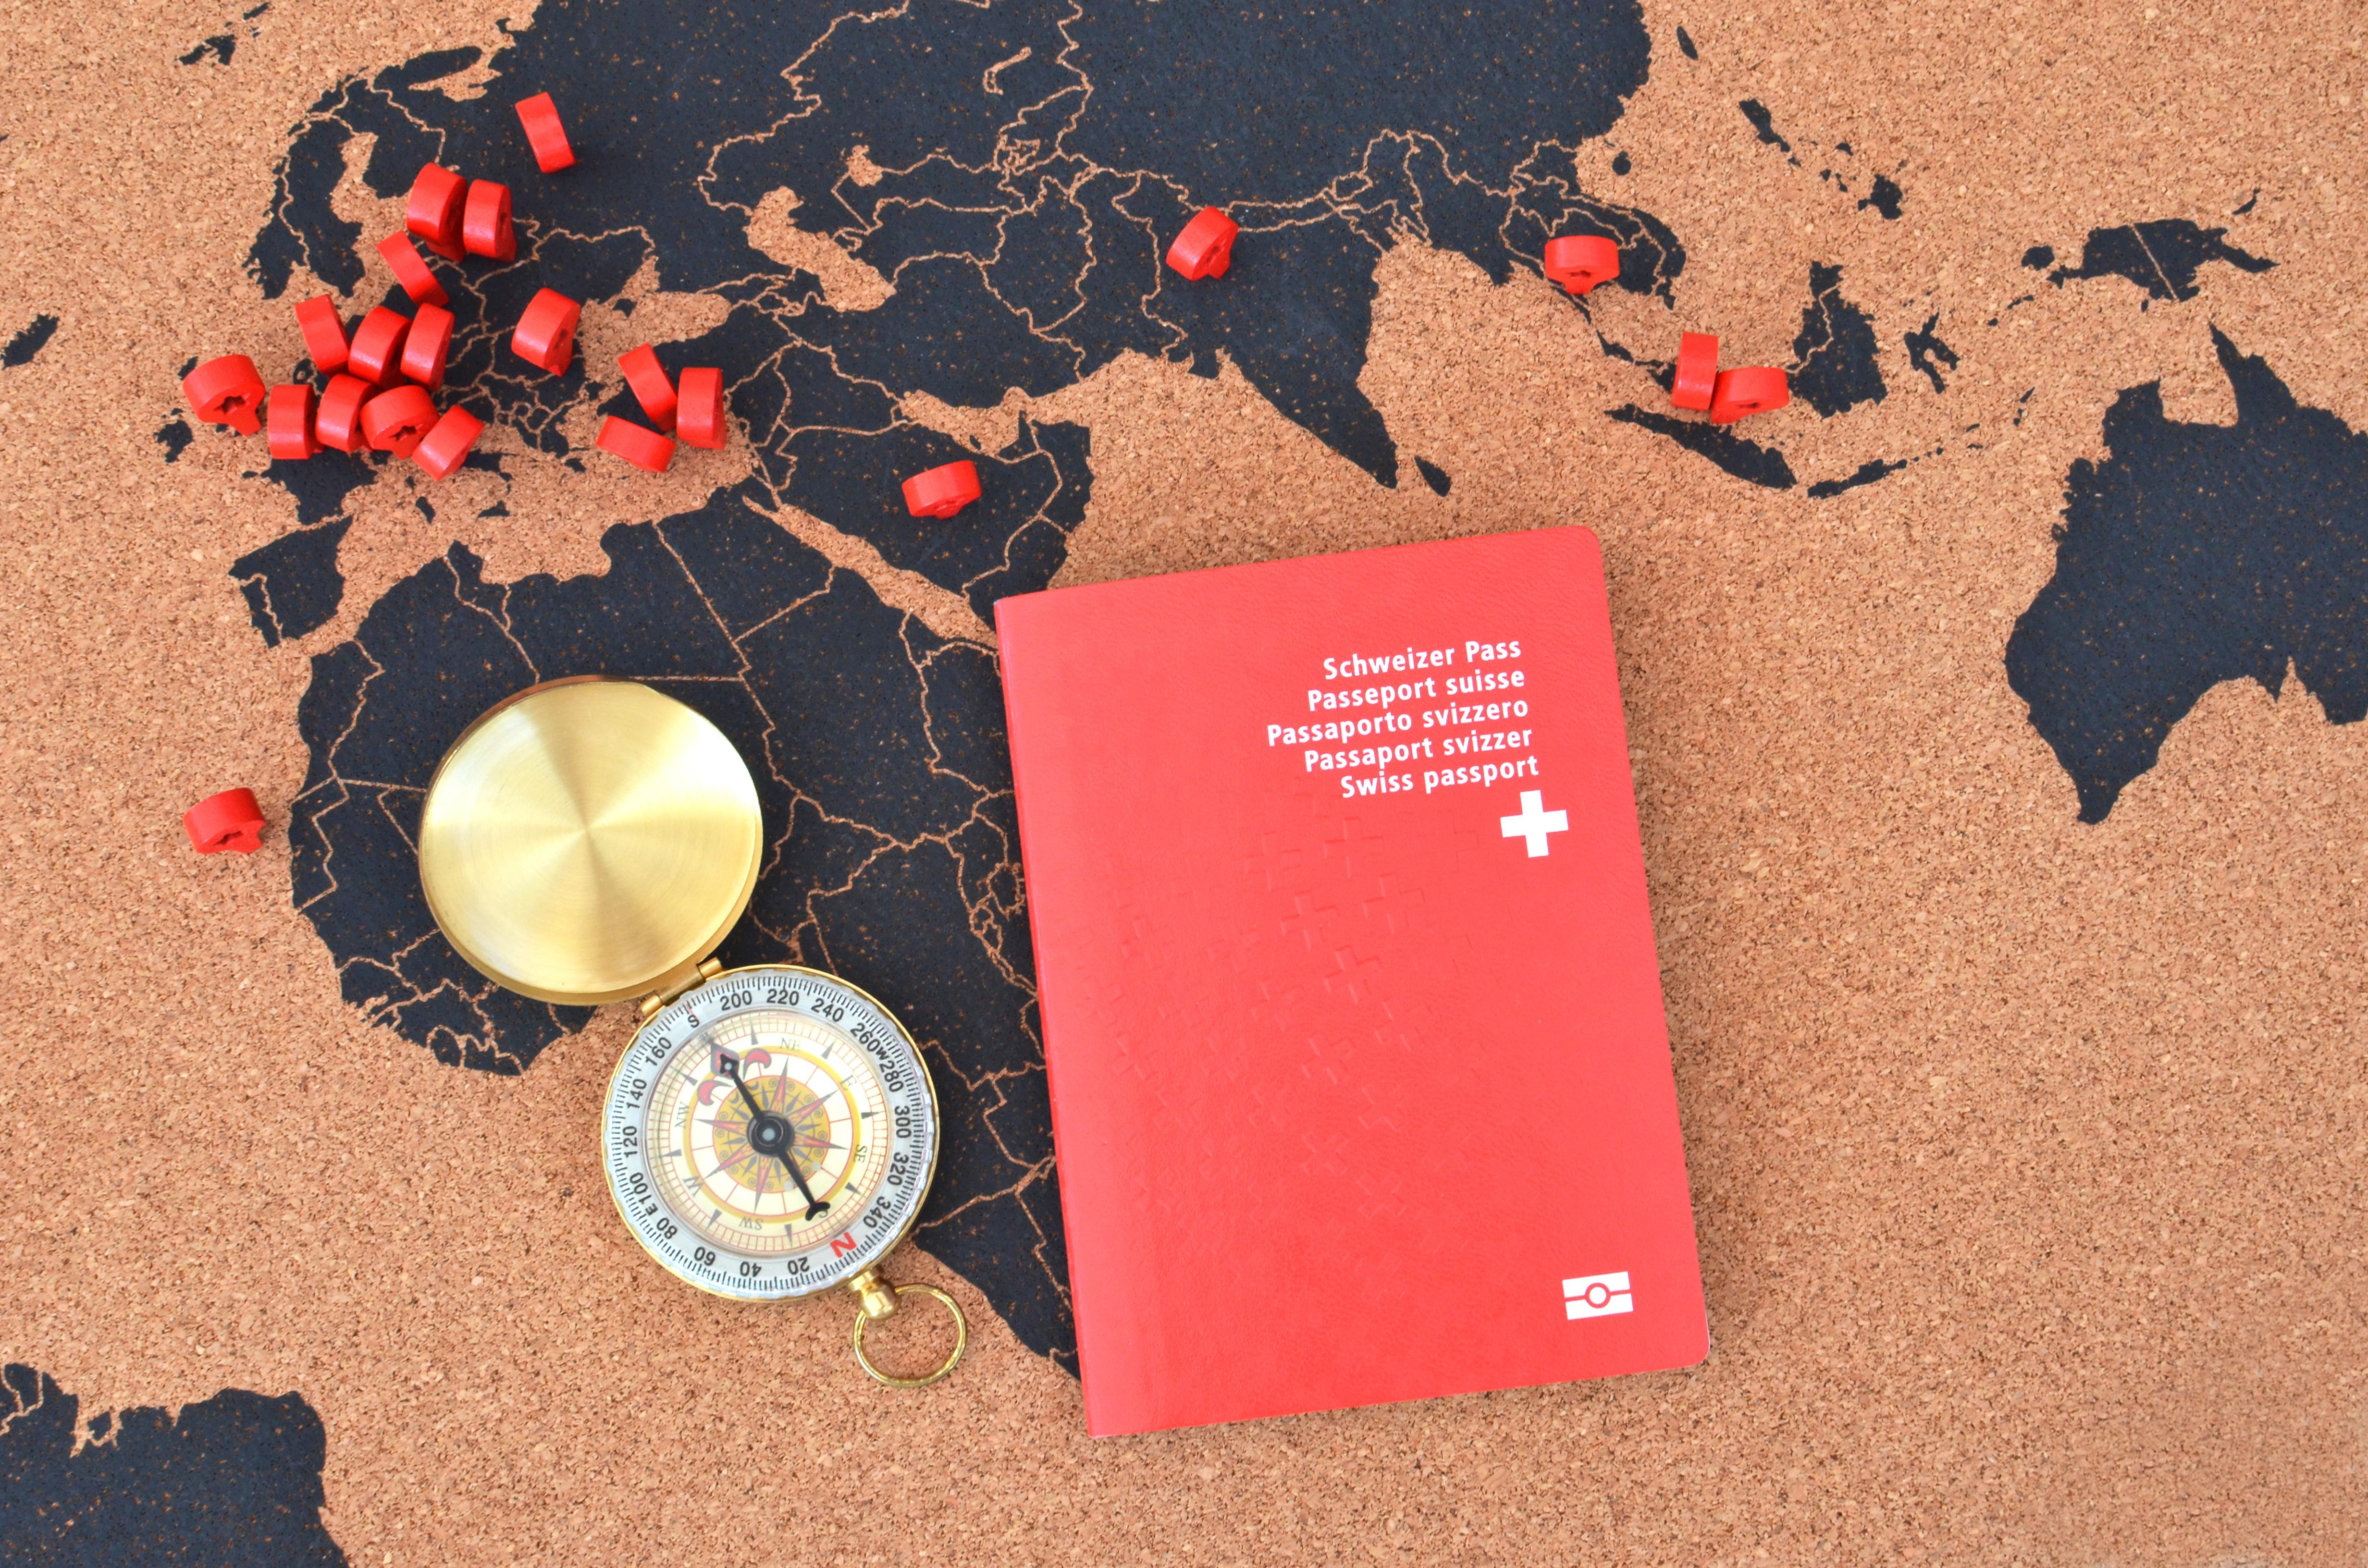 Паспорт Швейцарии, который могут получить иностранцы